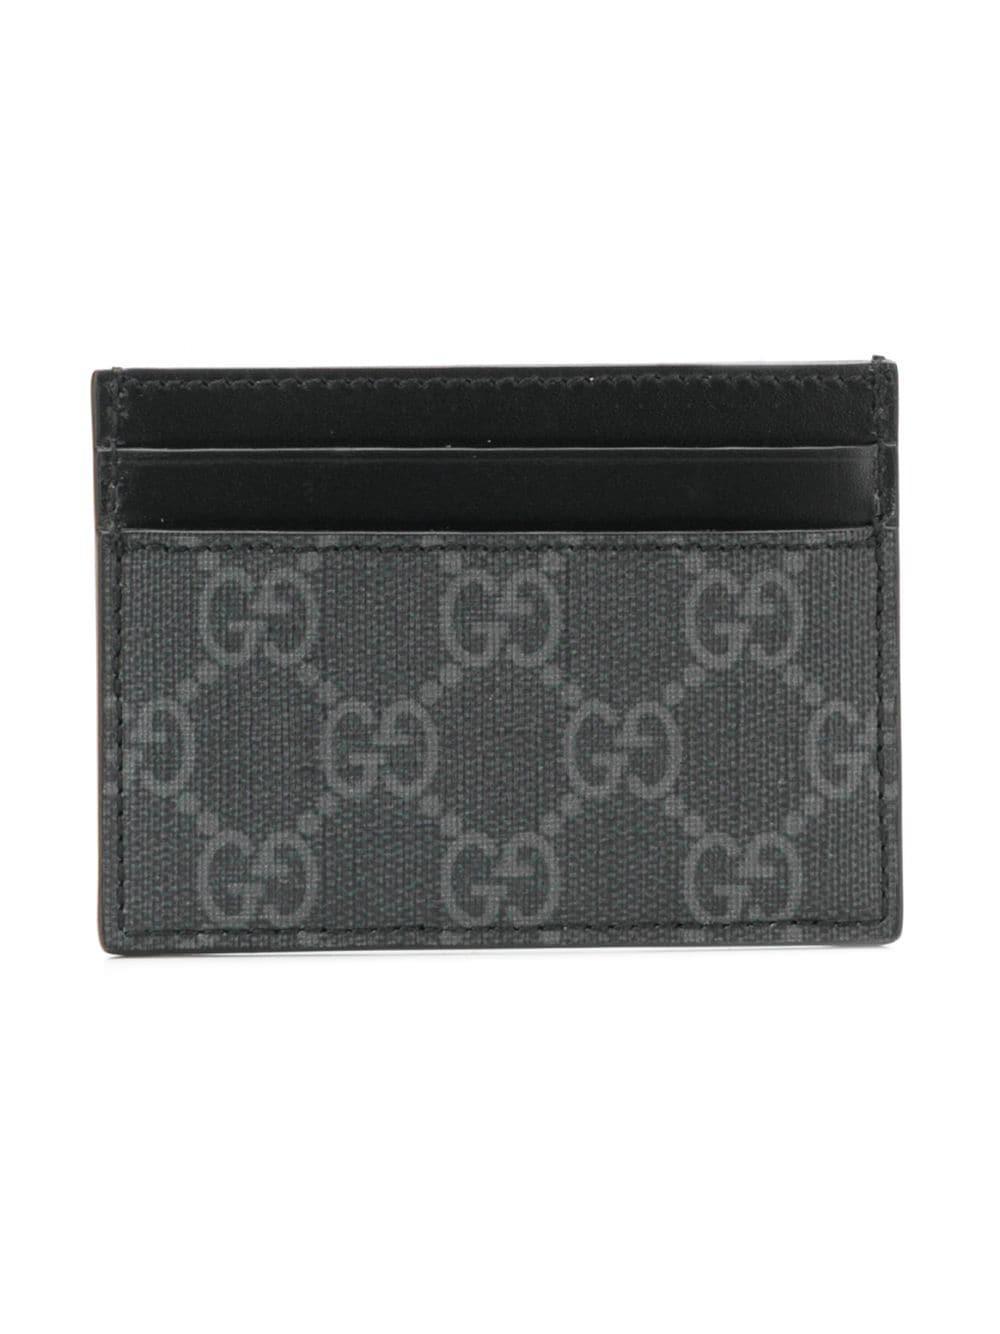 Lyst - Gucci GG Supreme Eagle Head Cardholder in Black for Men a389e2a7fab